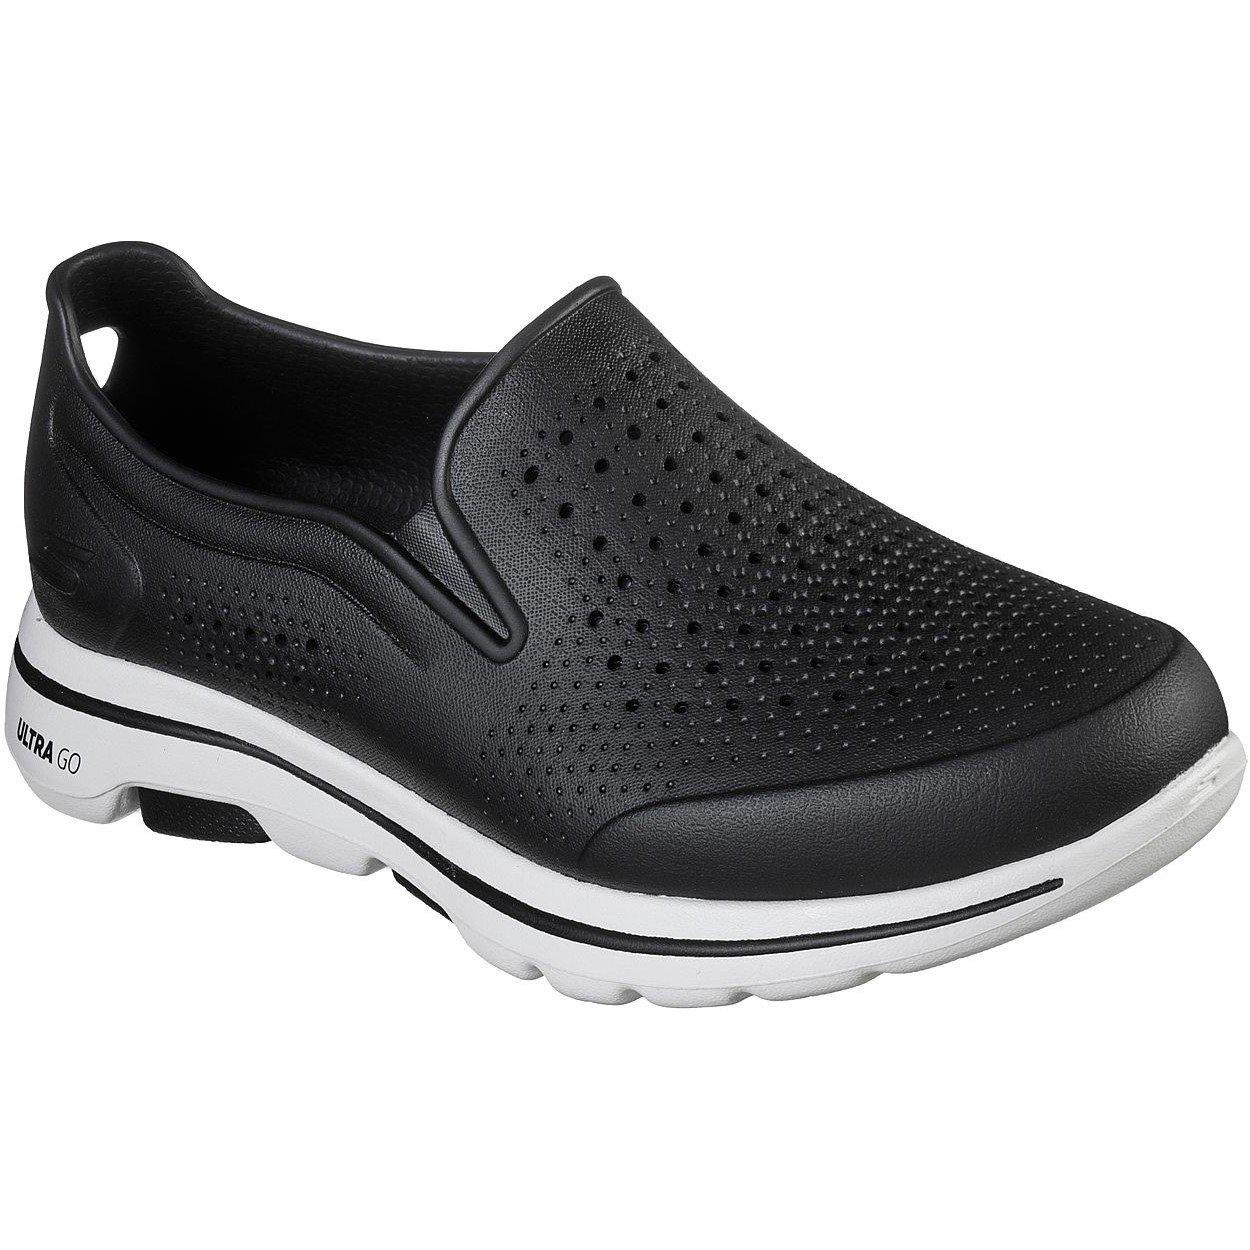 Skechers Men's Go Walk 5 Easy Going Slip On Trainer Multicolor 32391 - Black/White 10